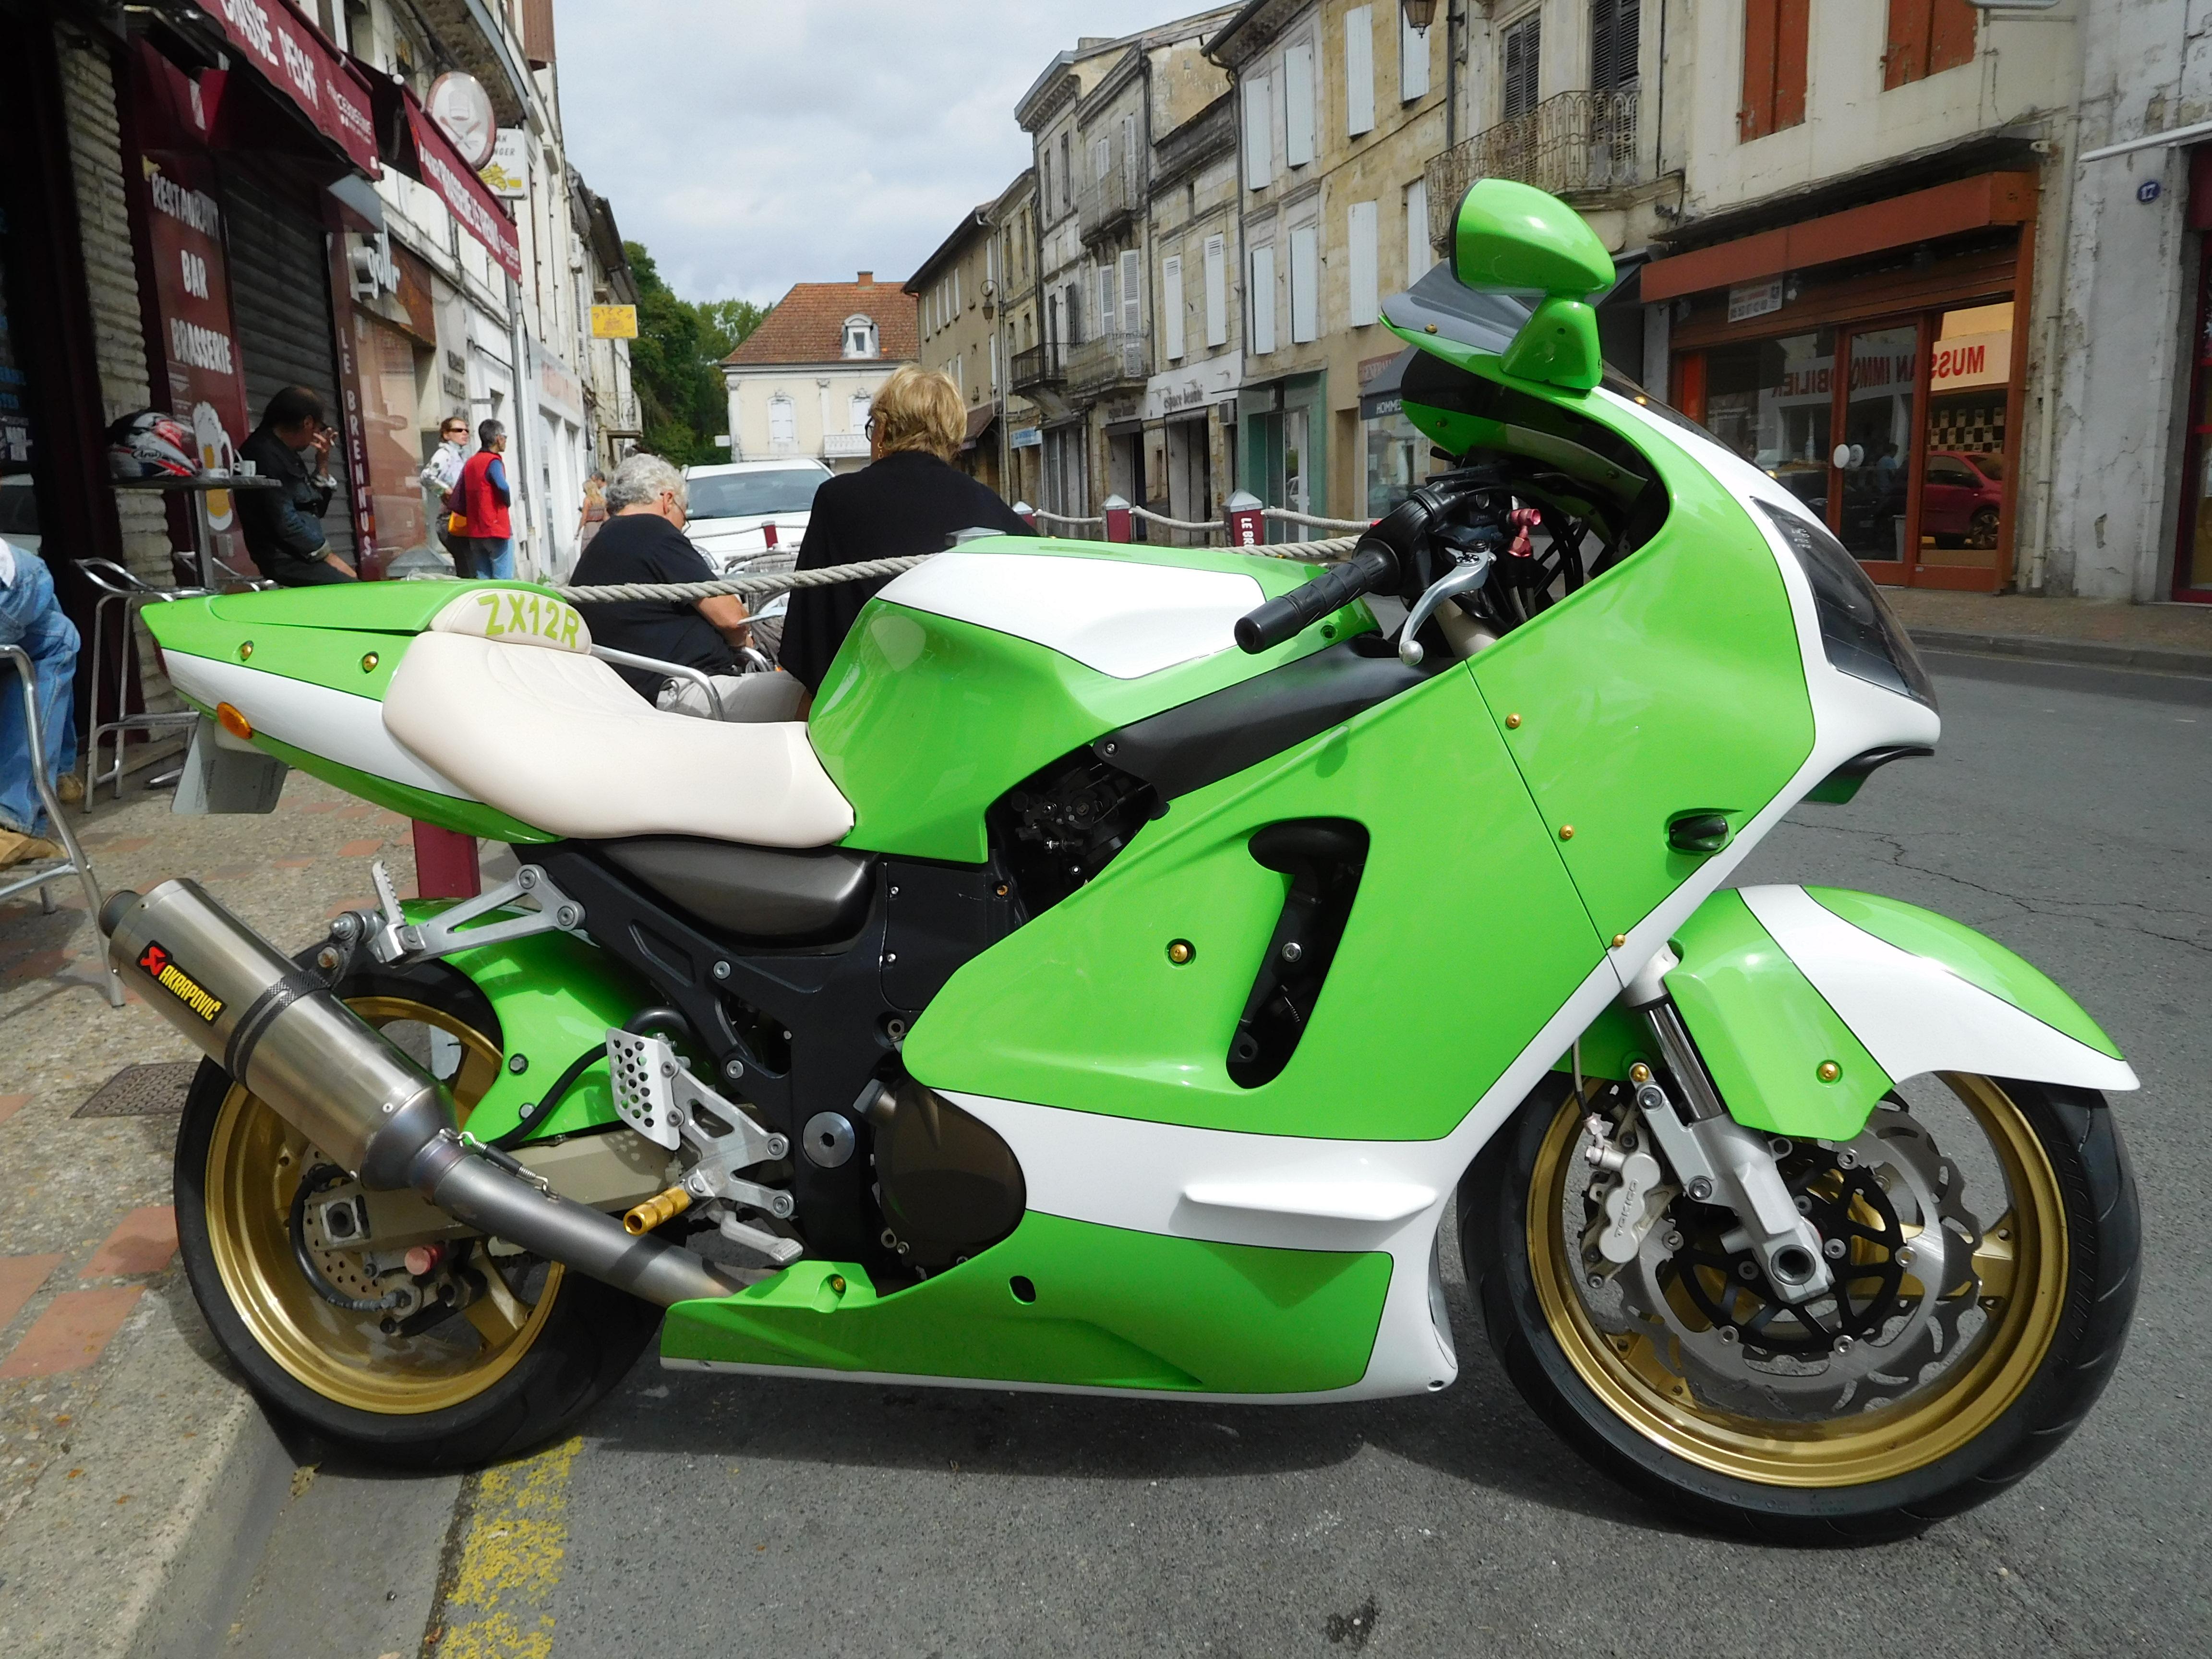 Kawasaki Ninja R Greenfor Sale Alabama